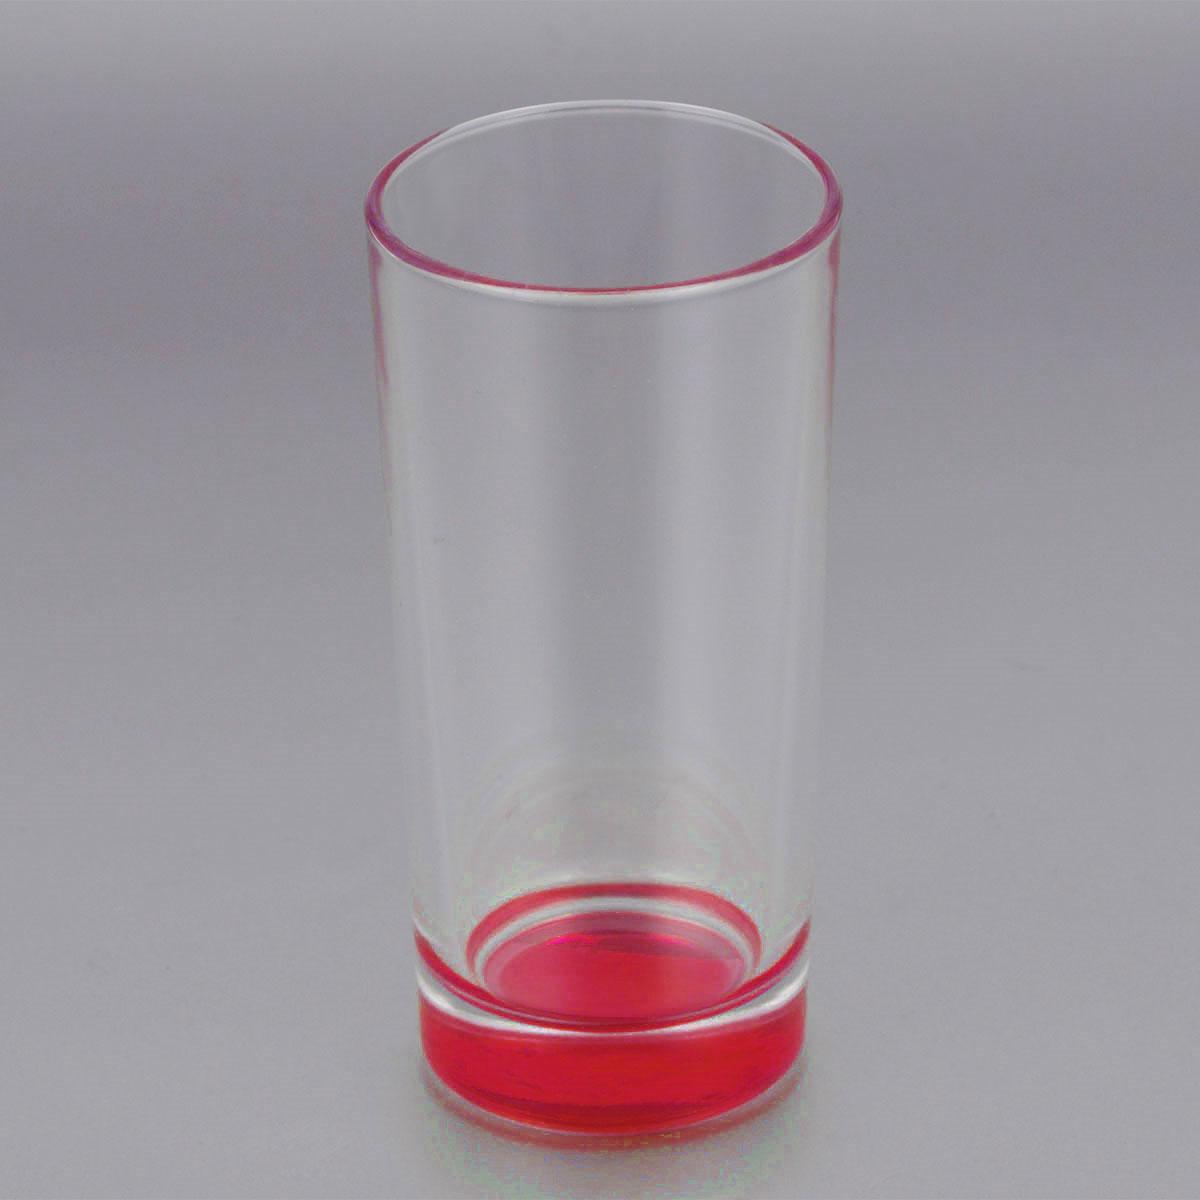 Стакан высокий ОСЗ Лак, цвет: красный, 280 мл03С1018 ЛМ_красныйВысокий стакан ОСЗ Лак изготовлен из высококачественного стекла, которое изысканно блестит и переливается на свету. Дно стакана окрашено. Стакан прозрачный, но при его наклоне создается оптическая иллюзия того, что и сам стакан окрашен. Такой стакан отлично дополнит вашу коллекцию кухонной утвари и порадует вас ярким необычным дизайном и практичностью. Диаметр стакана: 7 см. Высота стакана: 14 см.